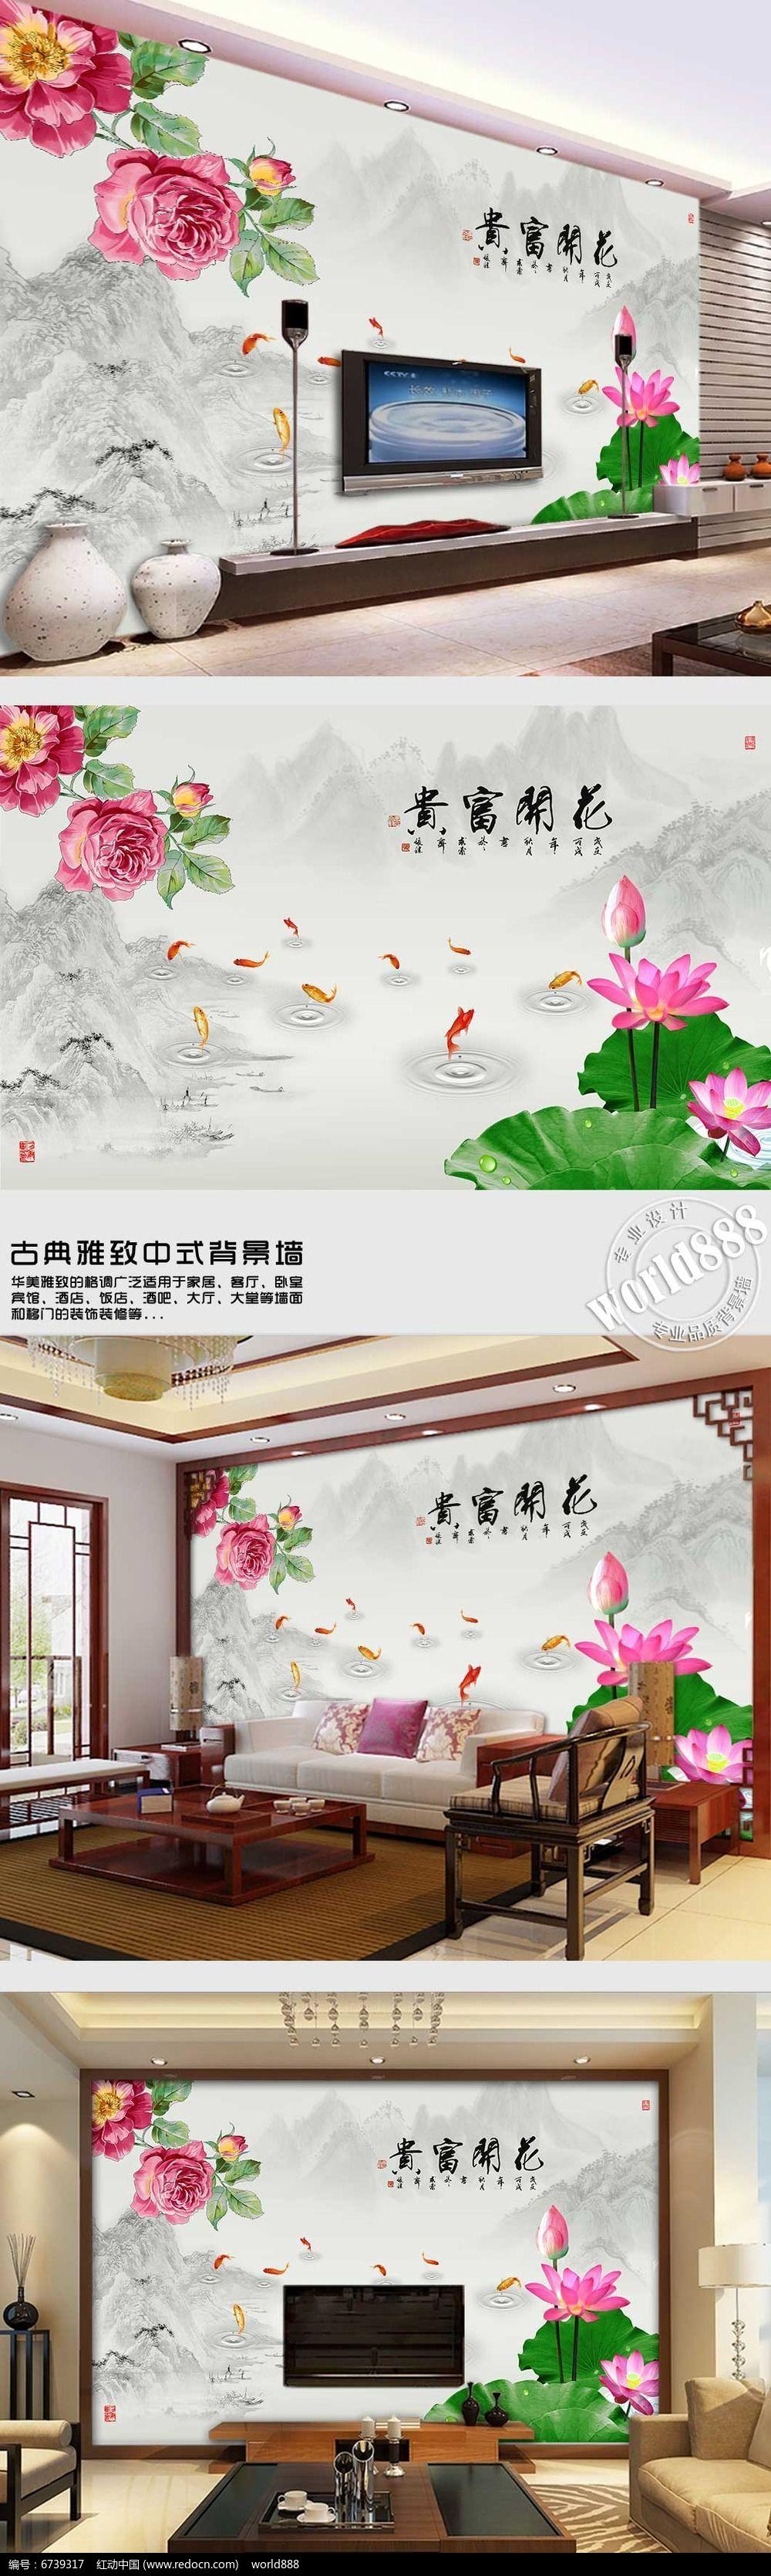 淡墨山水九鱼图花开富贵中式背景墙图片